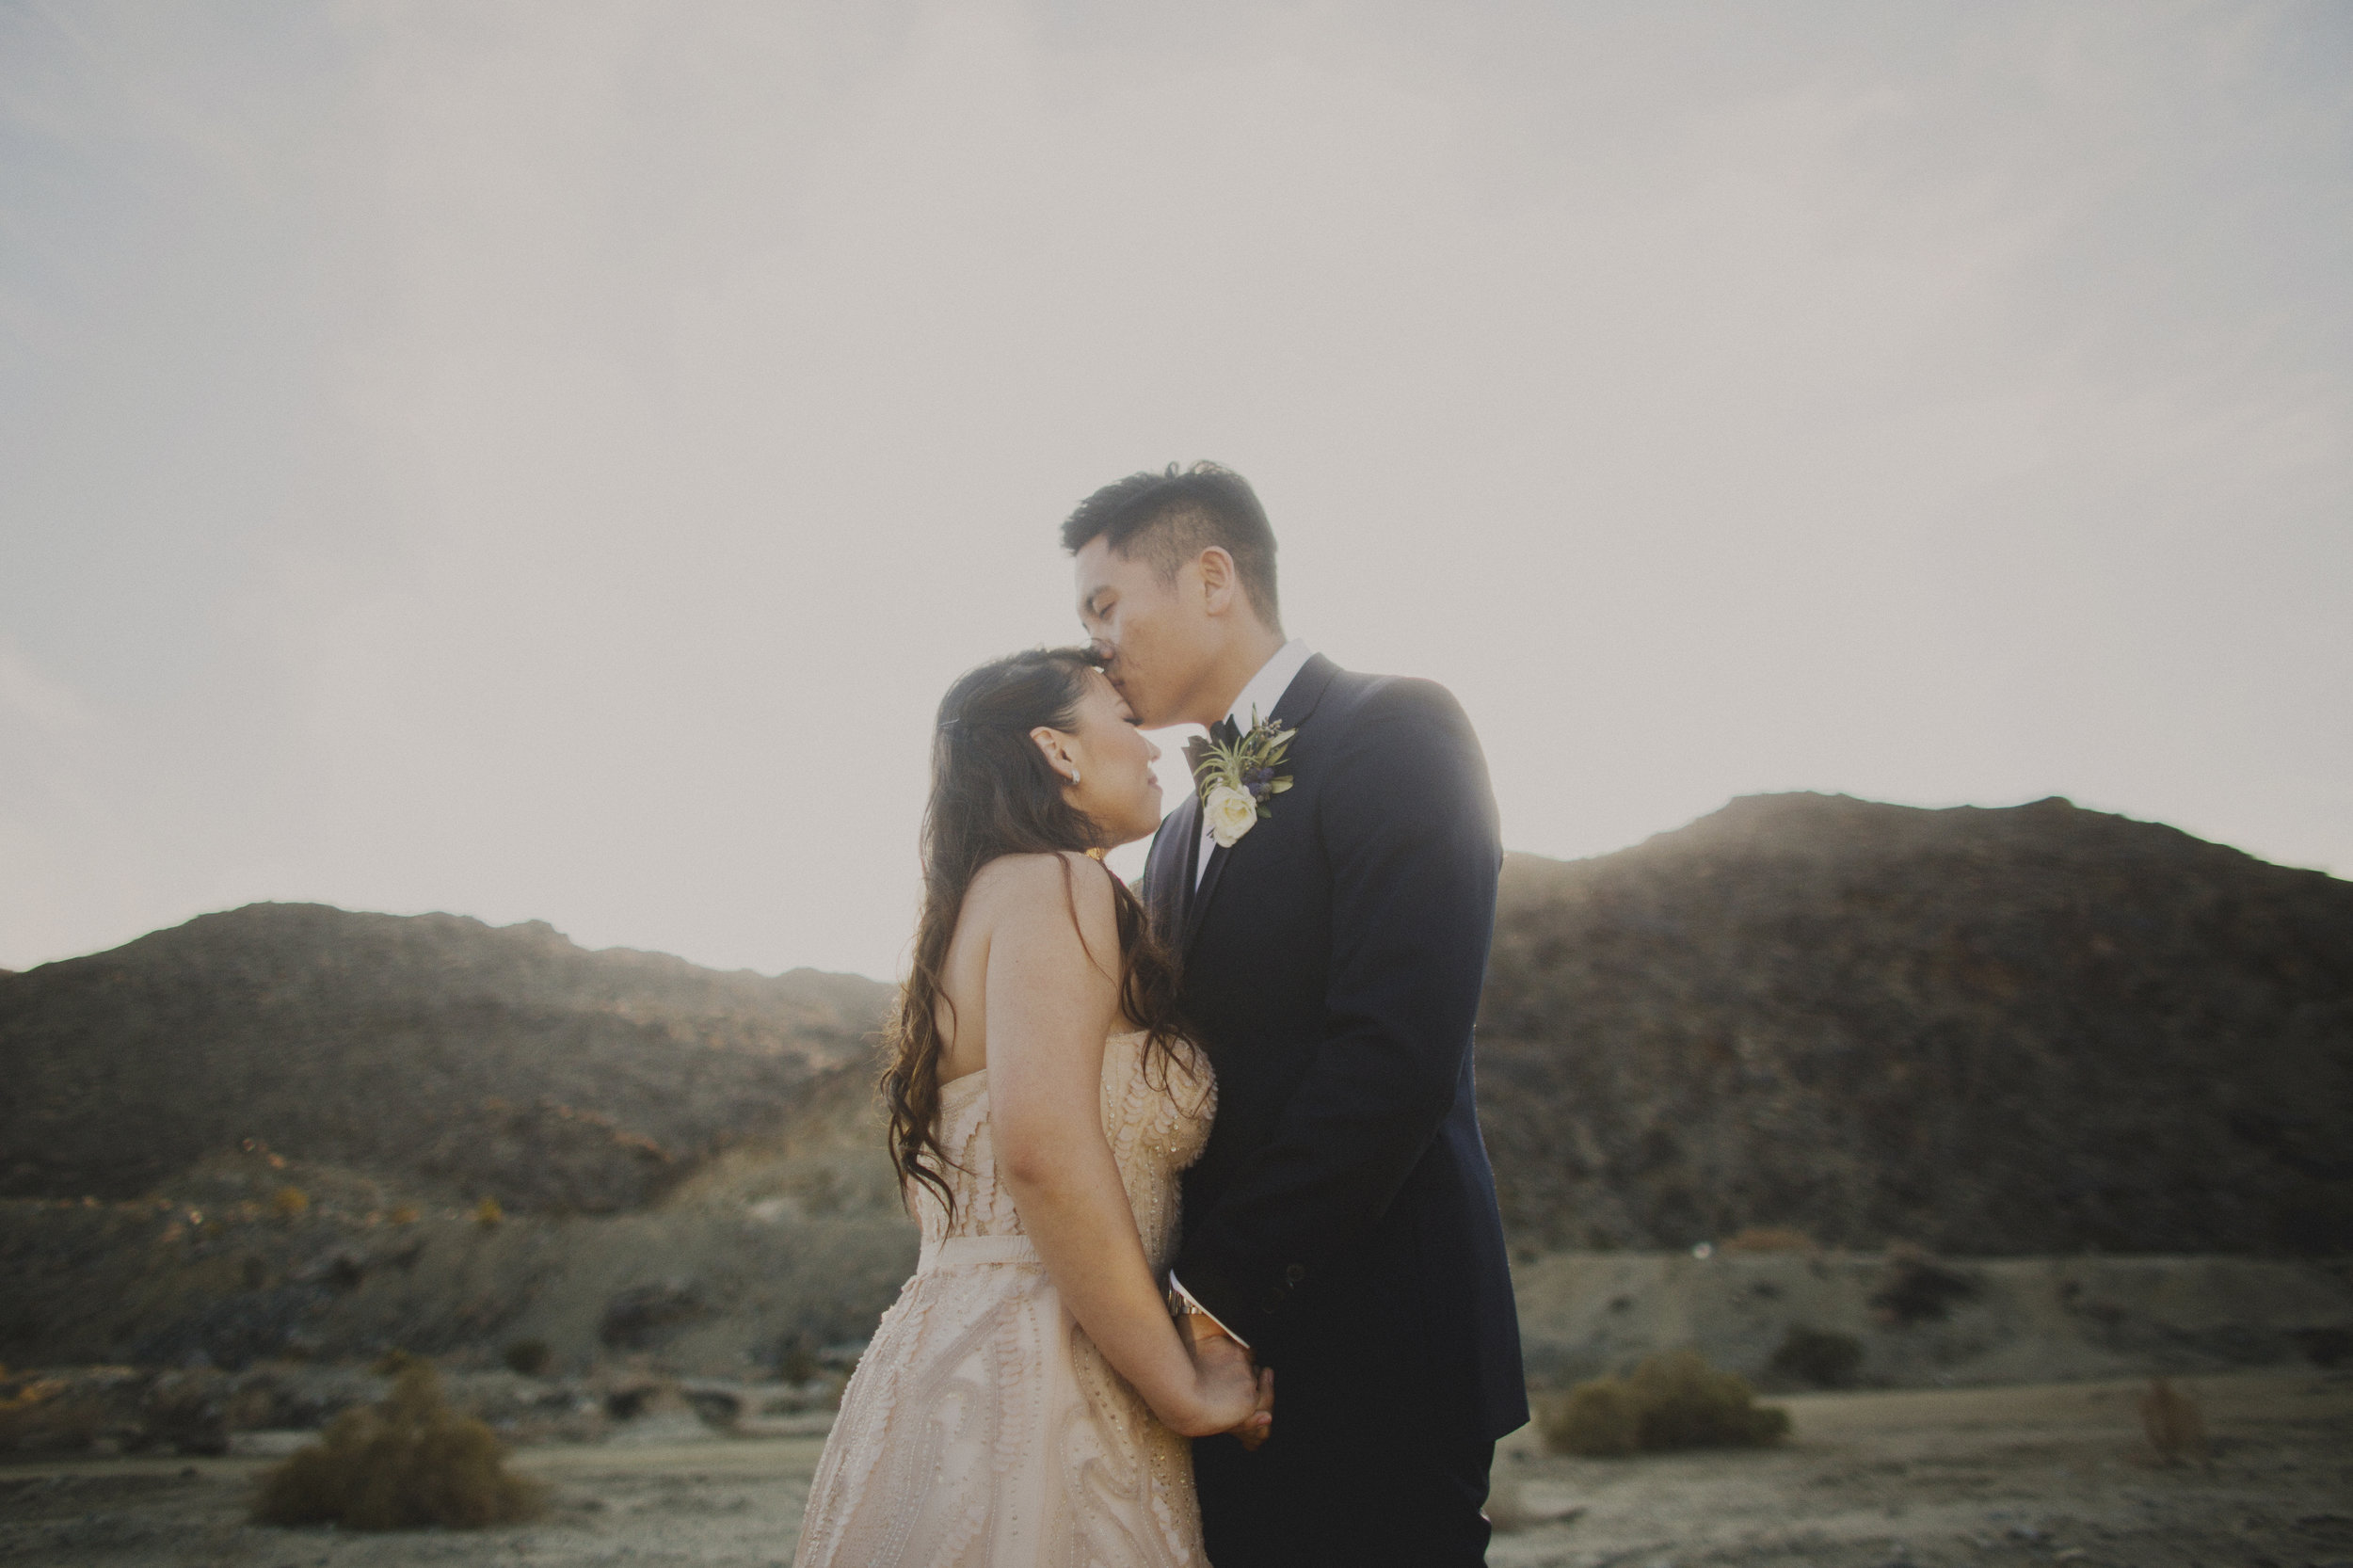 JENNIFER & KEVIN  Palm Springs, CA — Sloan Photography